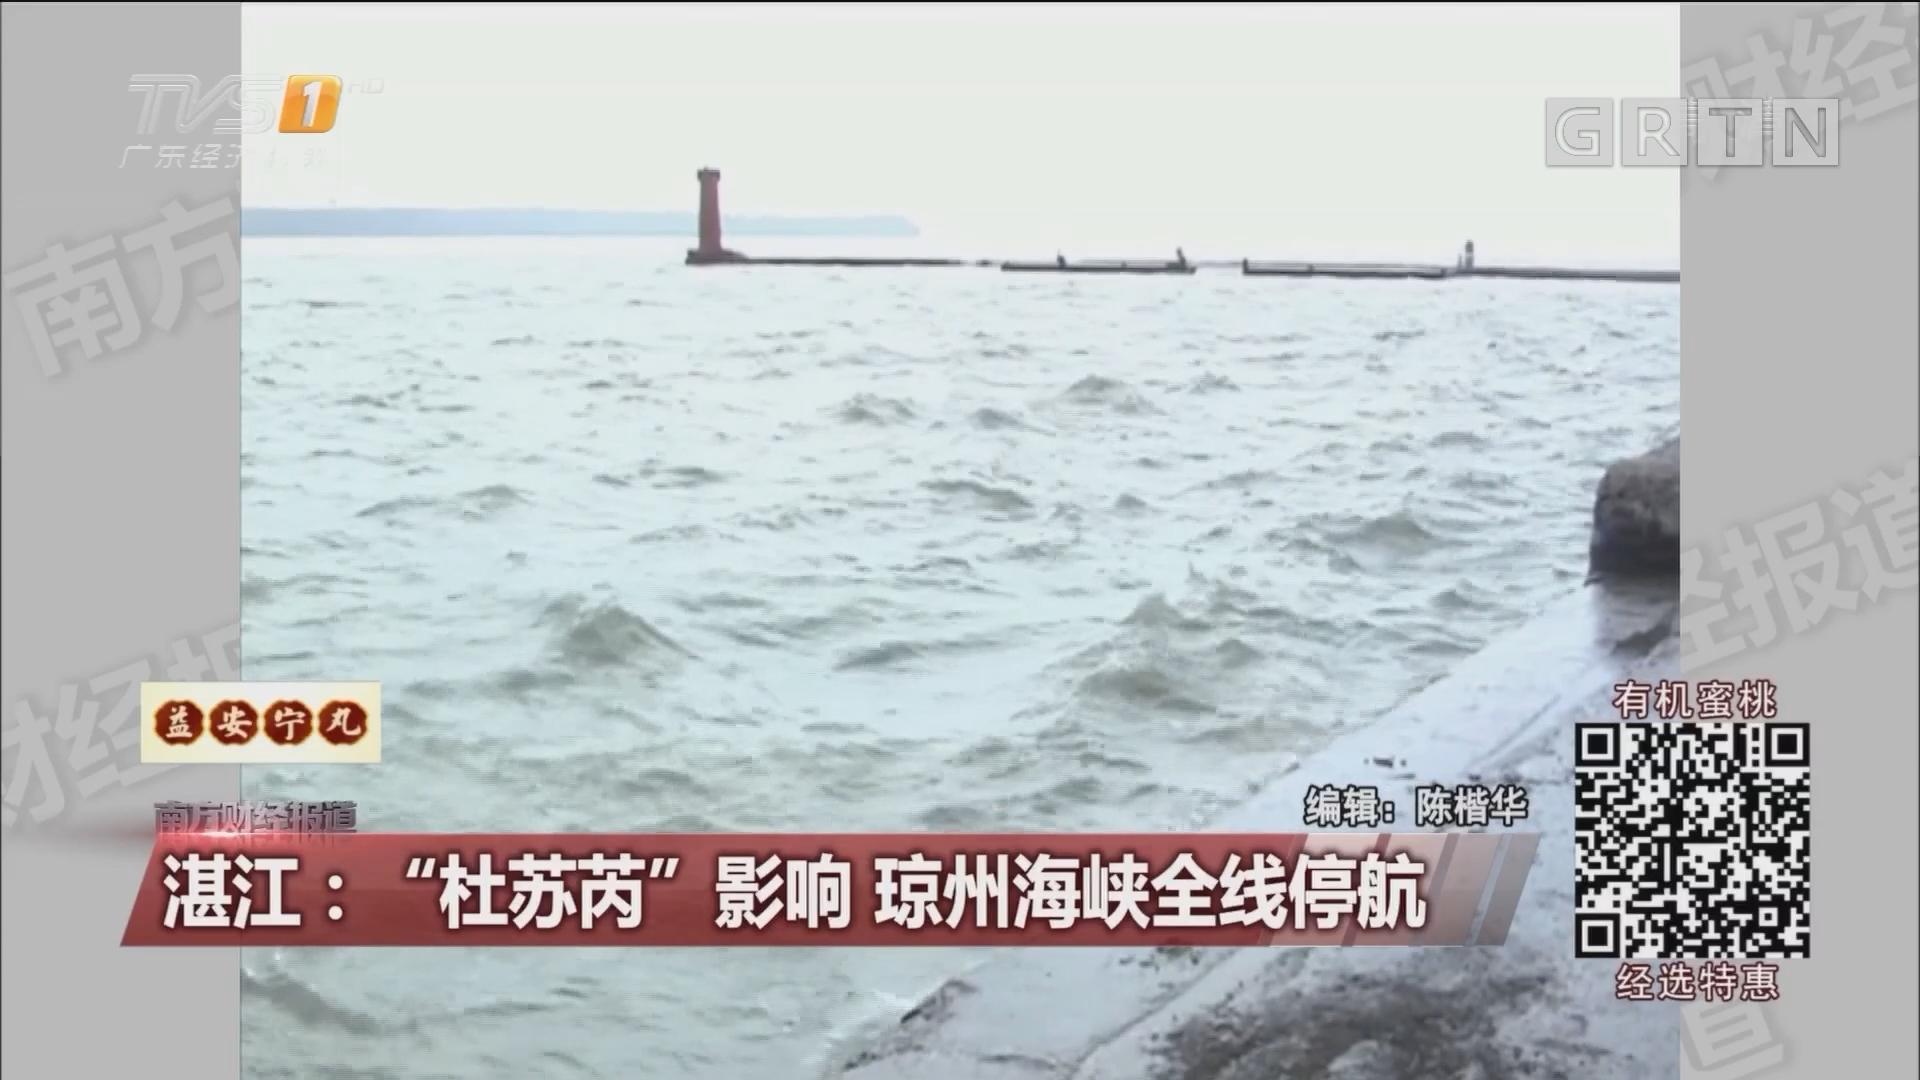 """湛江:""""杜苏芮""""影响 琼州海峡全线停航"""